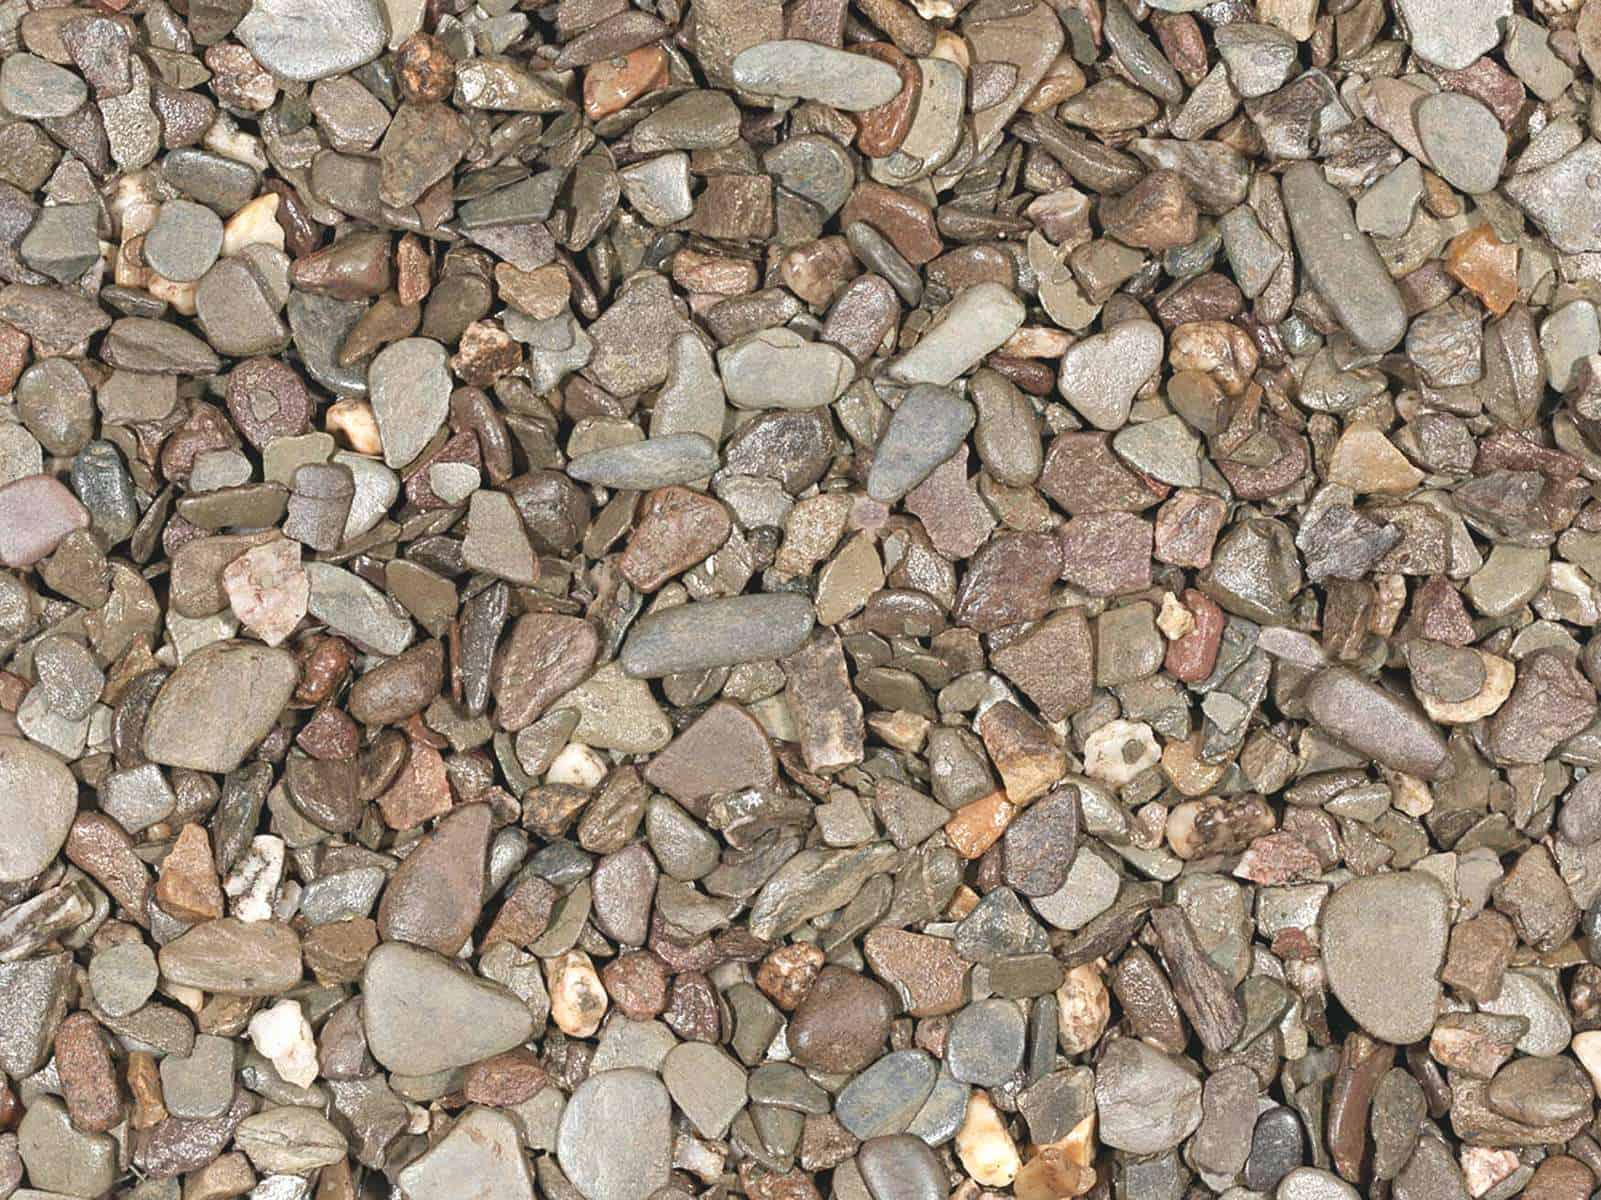 Kies natursteine f r den garten ihr baustoffhandel in nrw - Kies steine fur garten ...